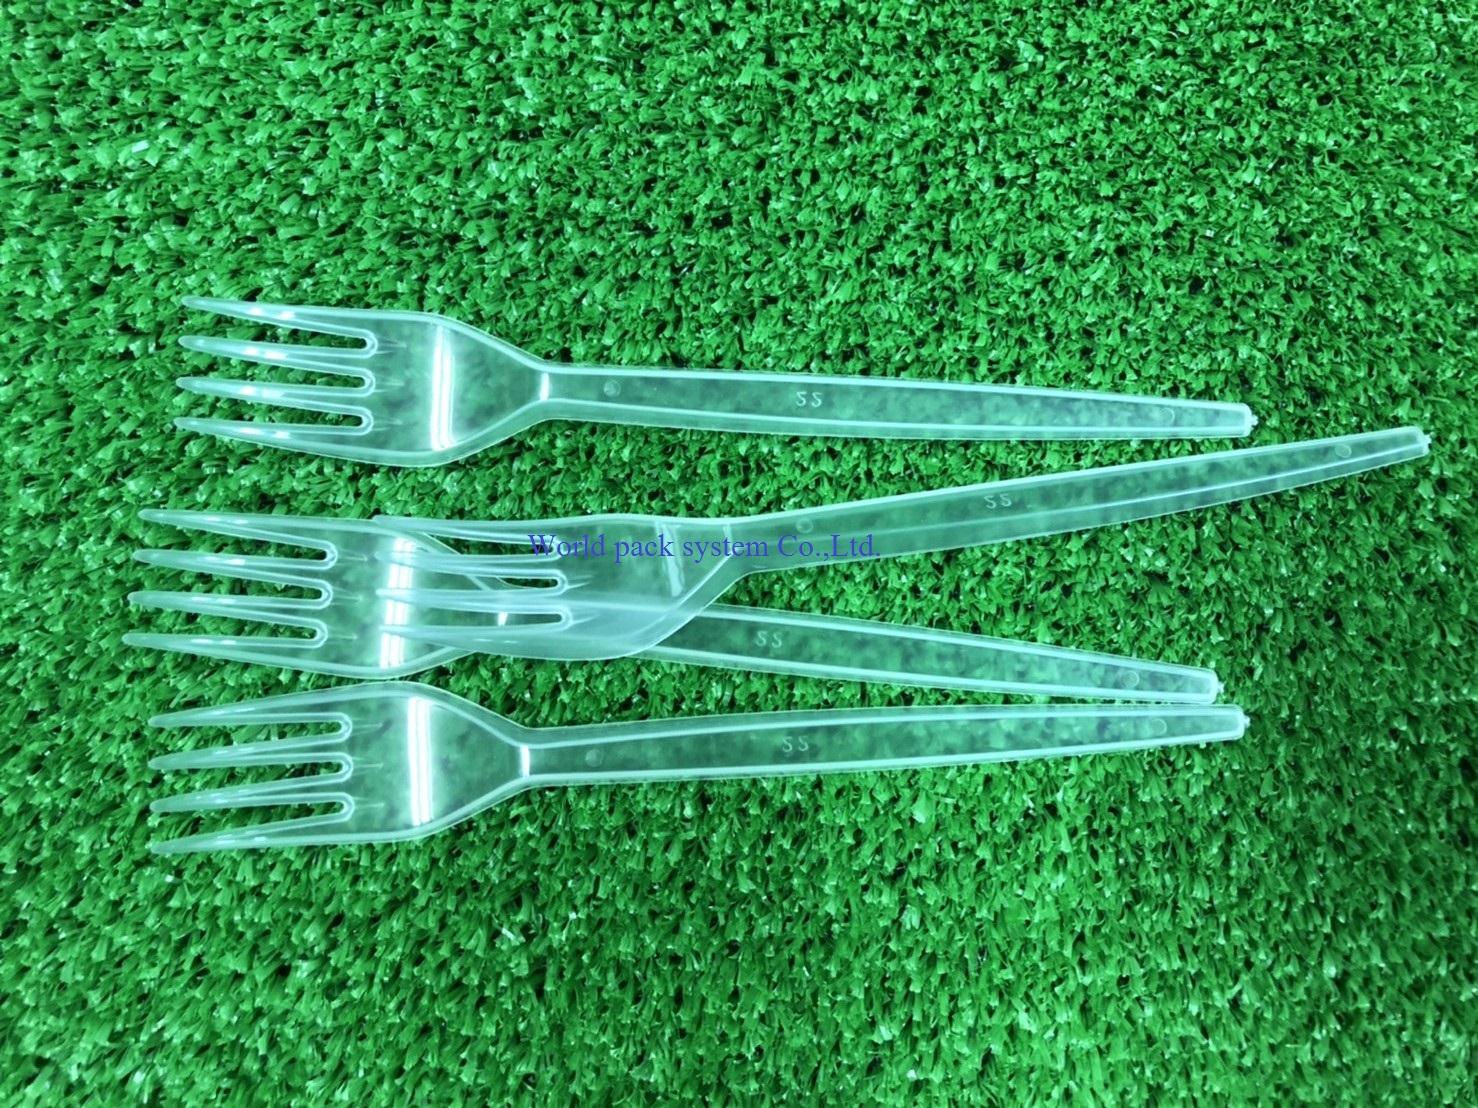 Plastic Fork size 17 cm. (100 pcs)